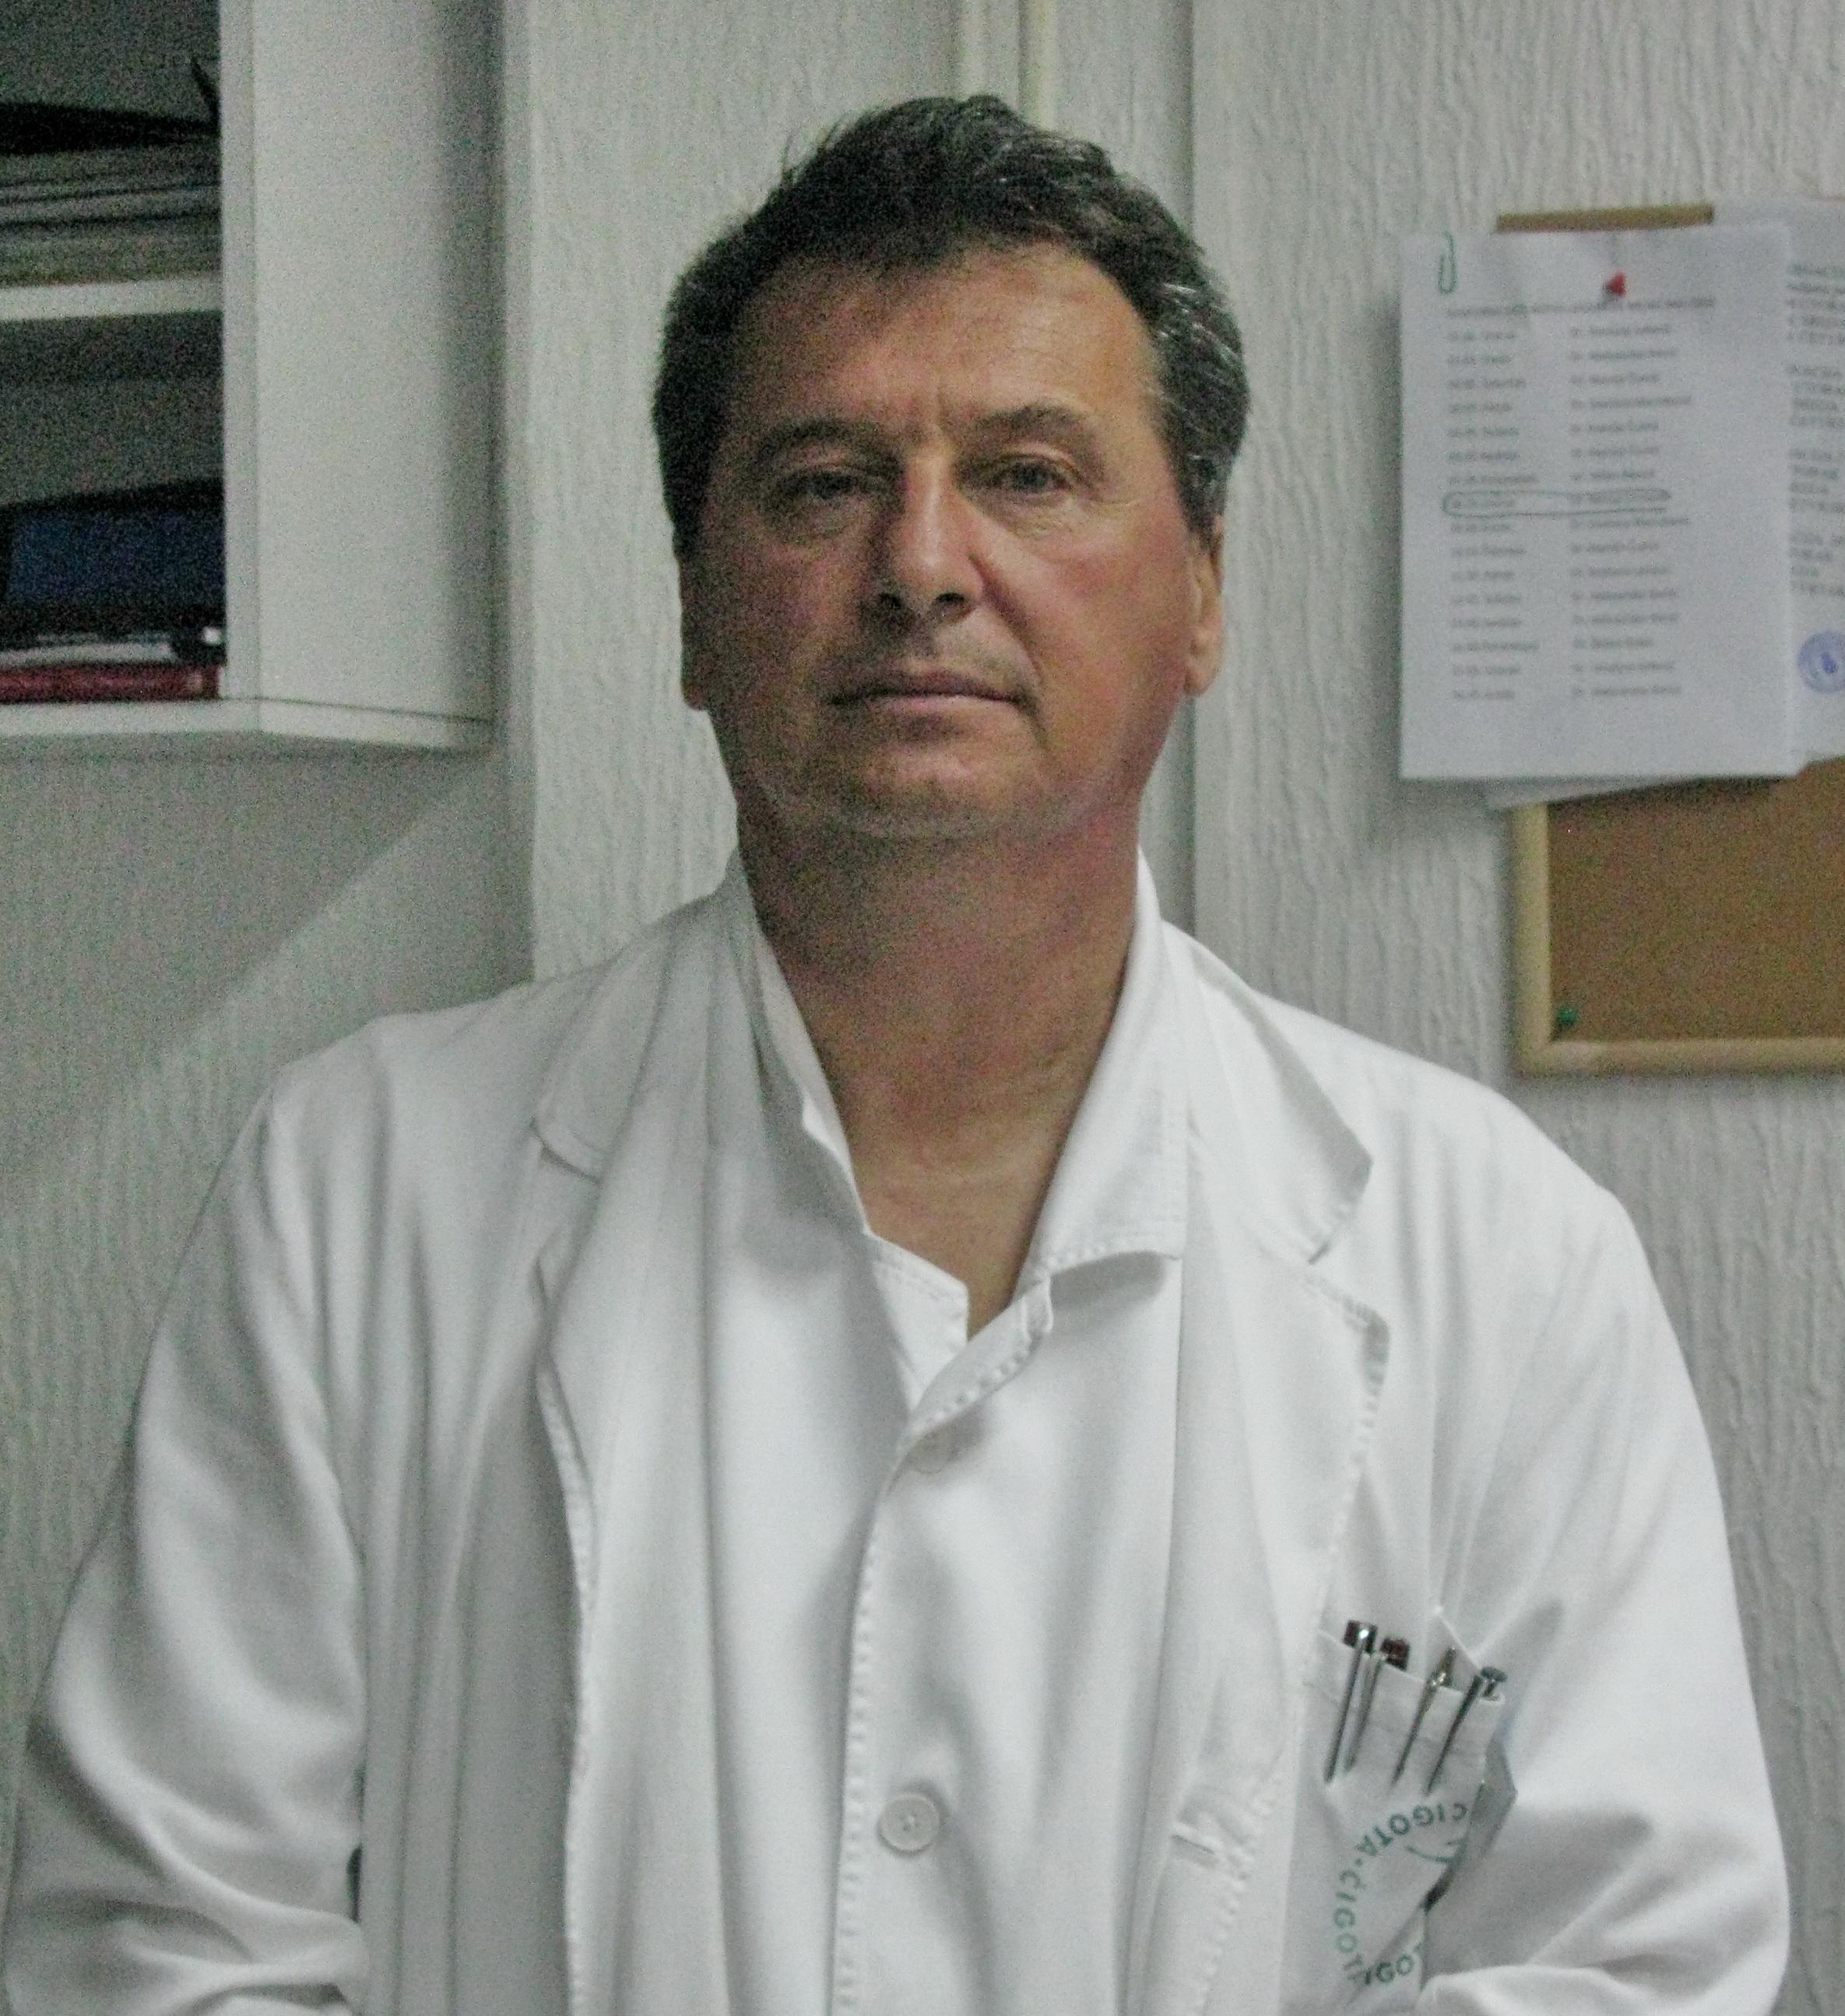 Specijalista interne medicine - kardiolog u kabinetu za kardiopulmonalnu dijagnostiku, dr Nenad Crnčević